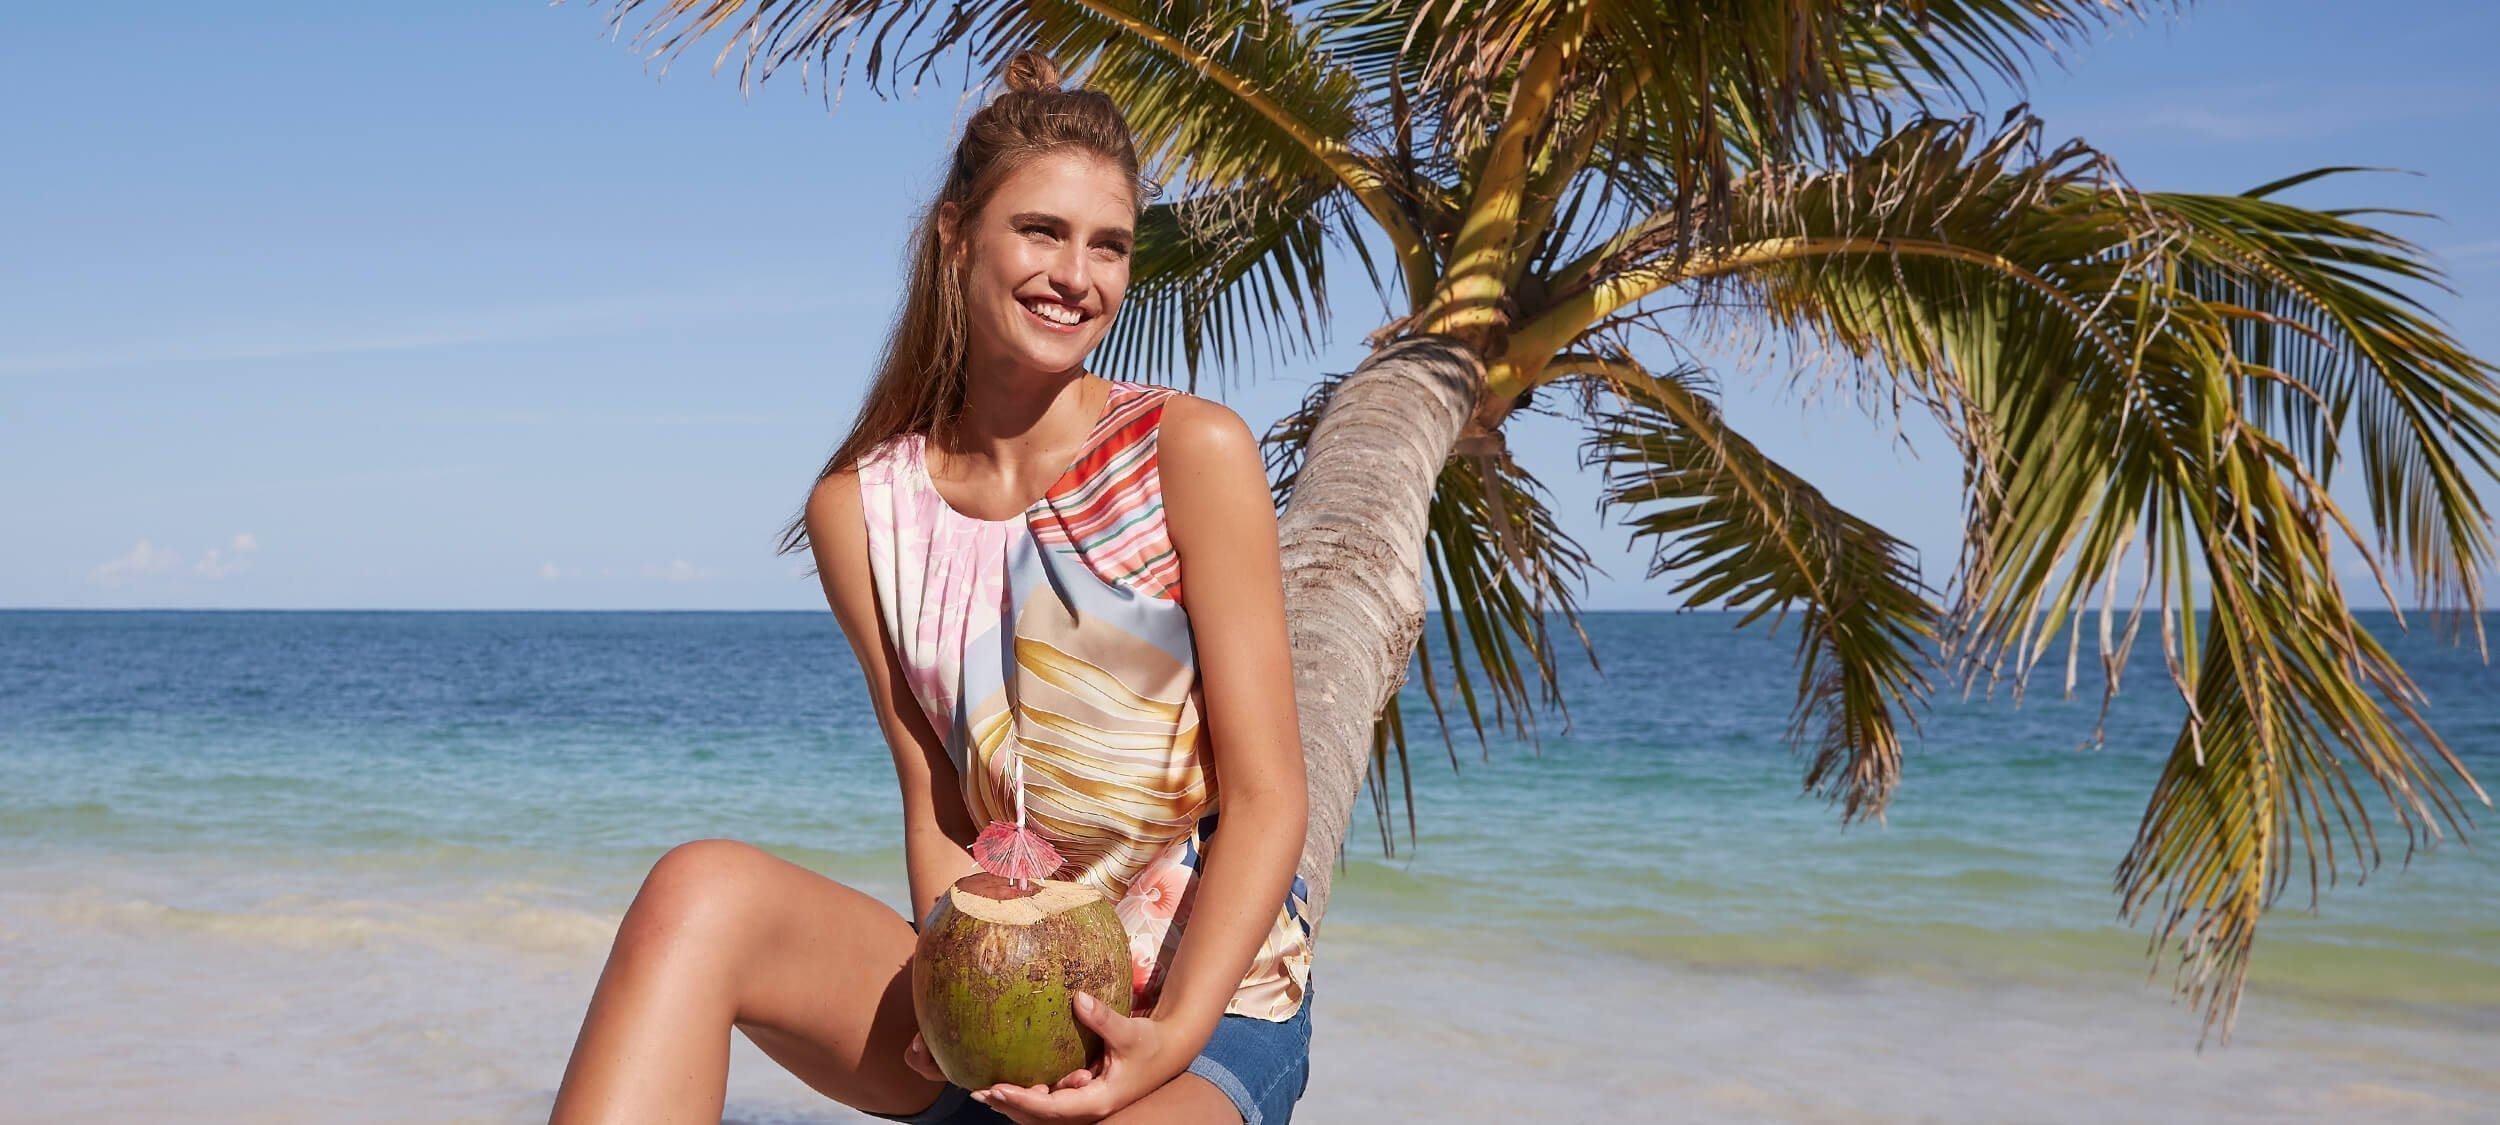 Den Sommer immer dabei: Strandtaschen und Accessoires.